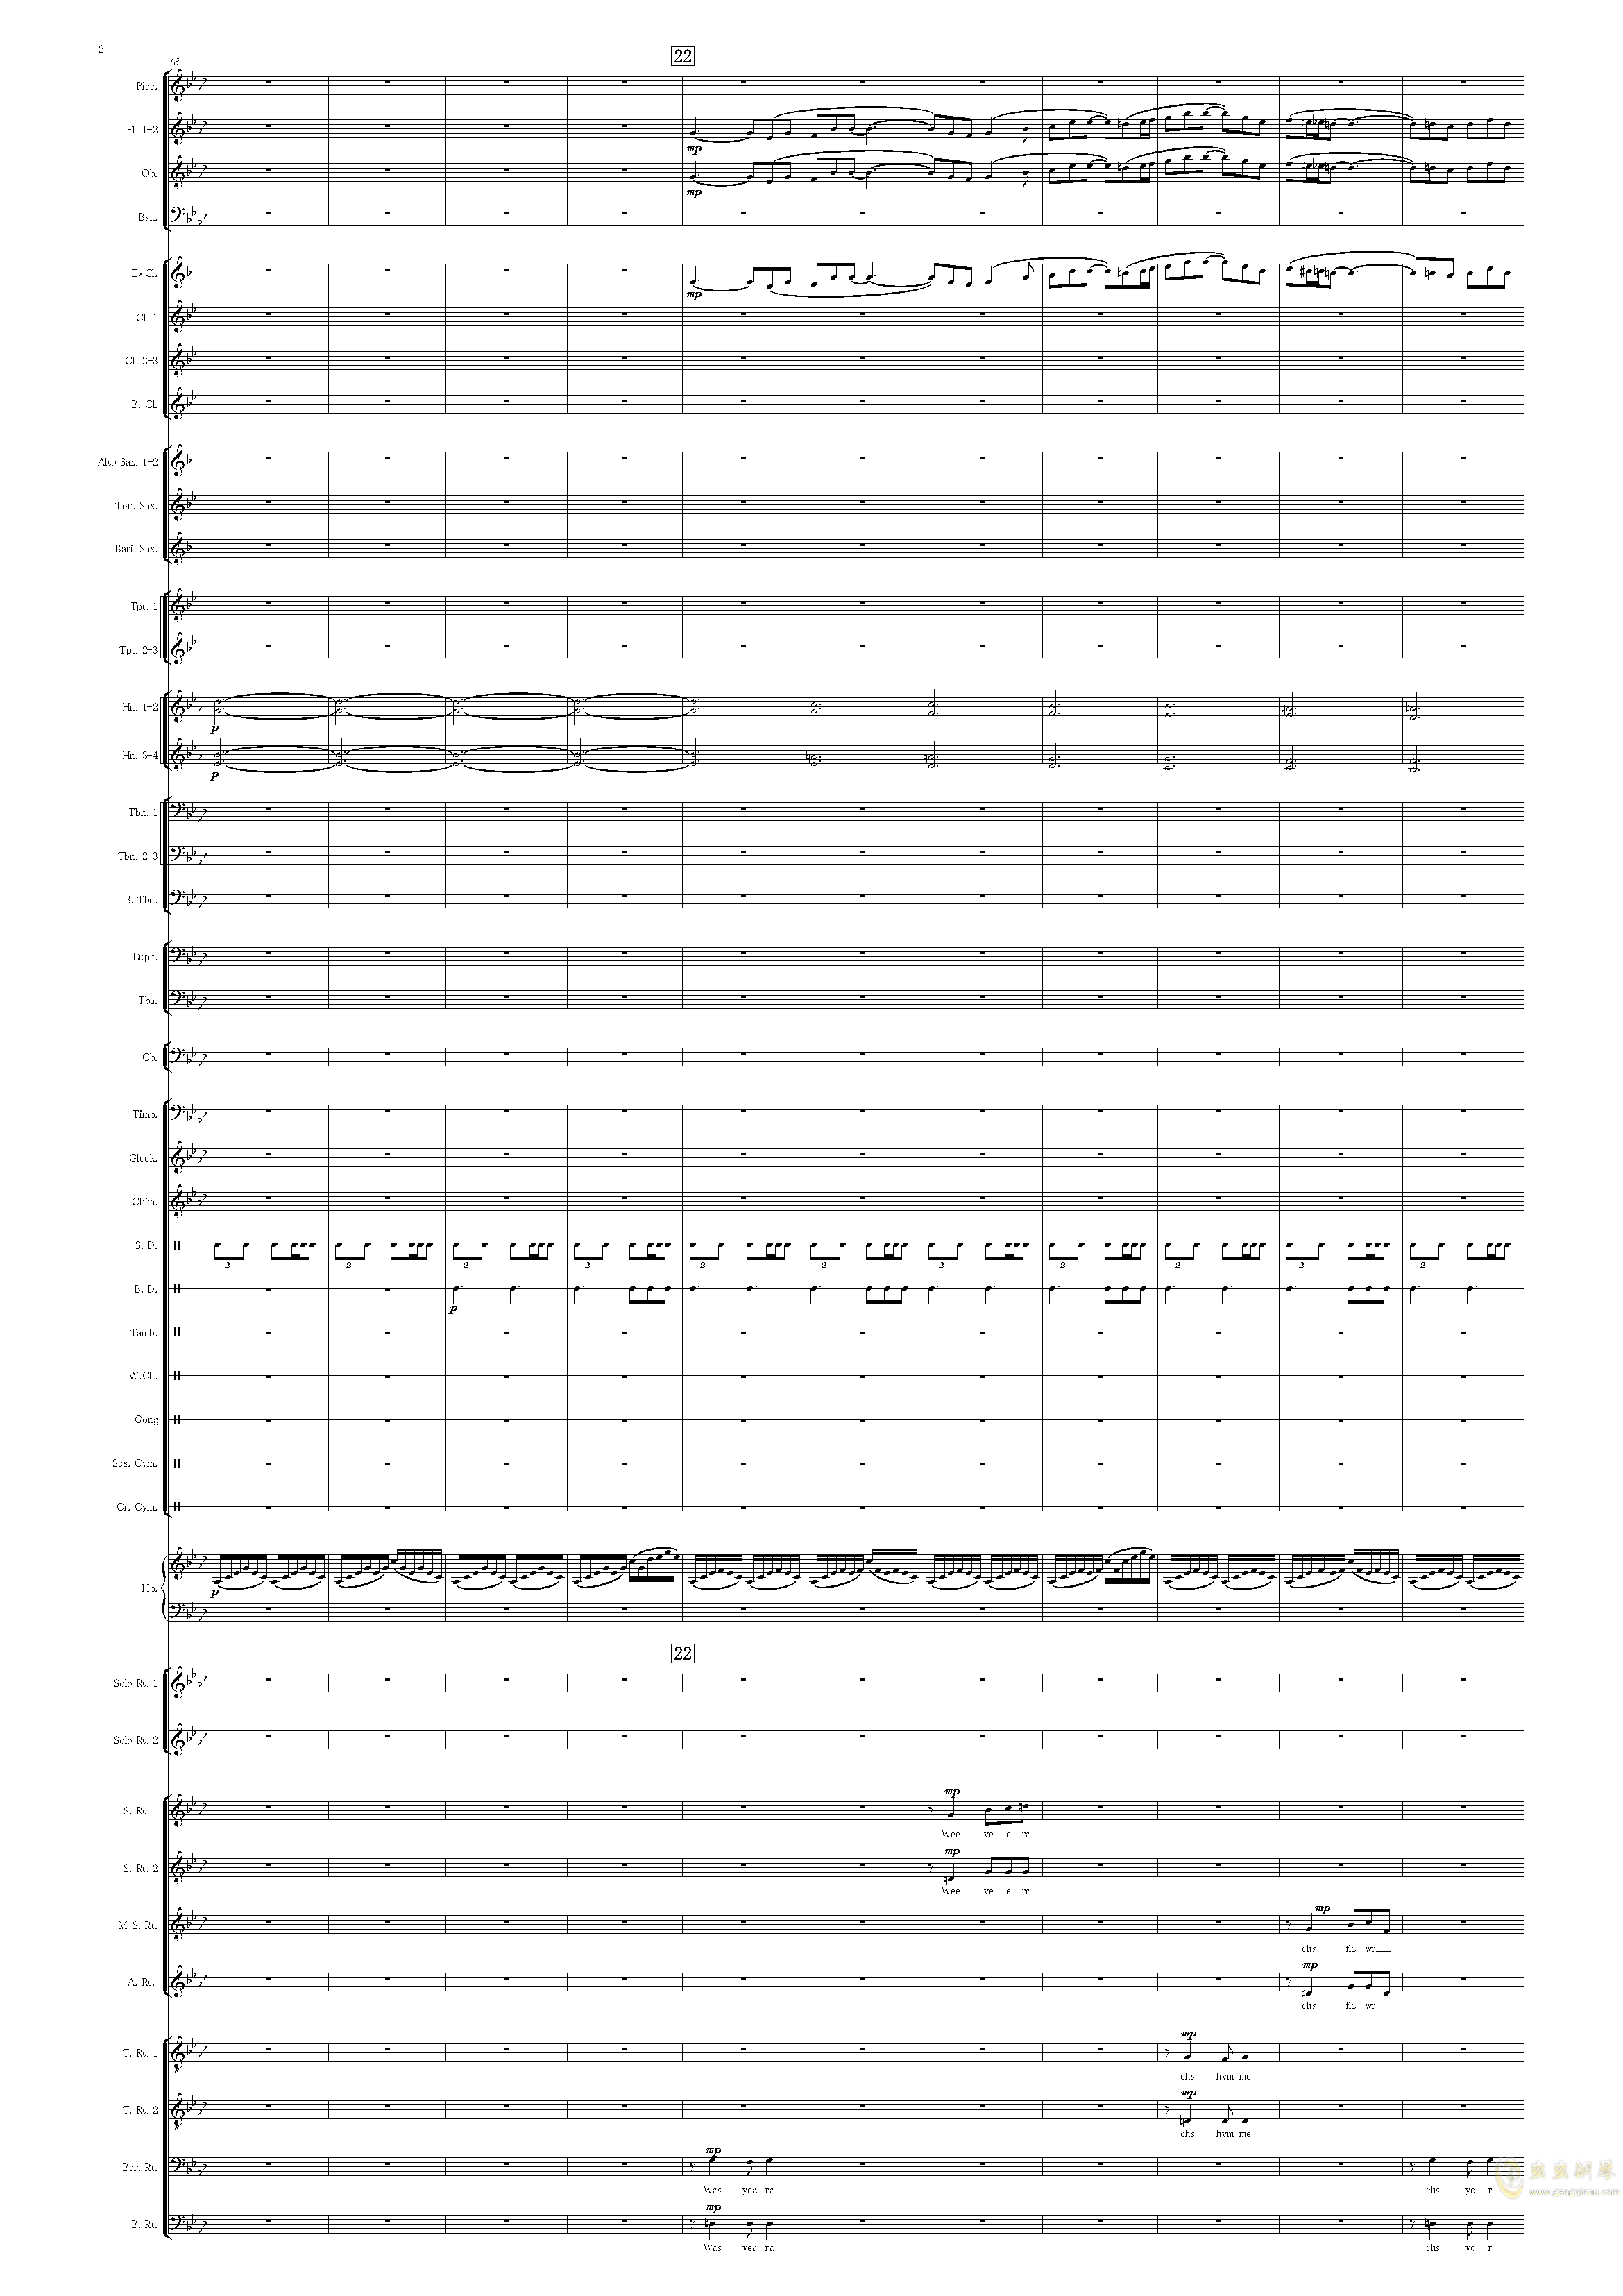 讴う丘~Harmonics EOLIA~澳门星际官网 第2页